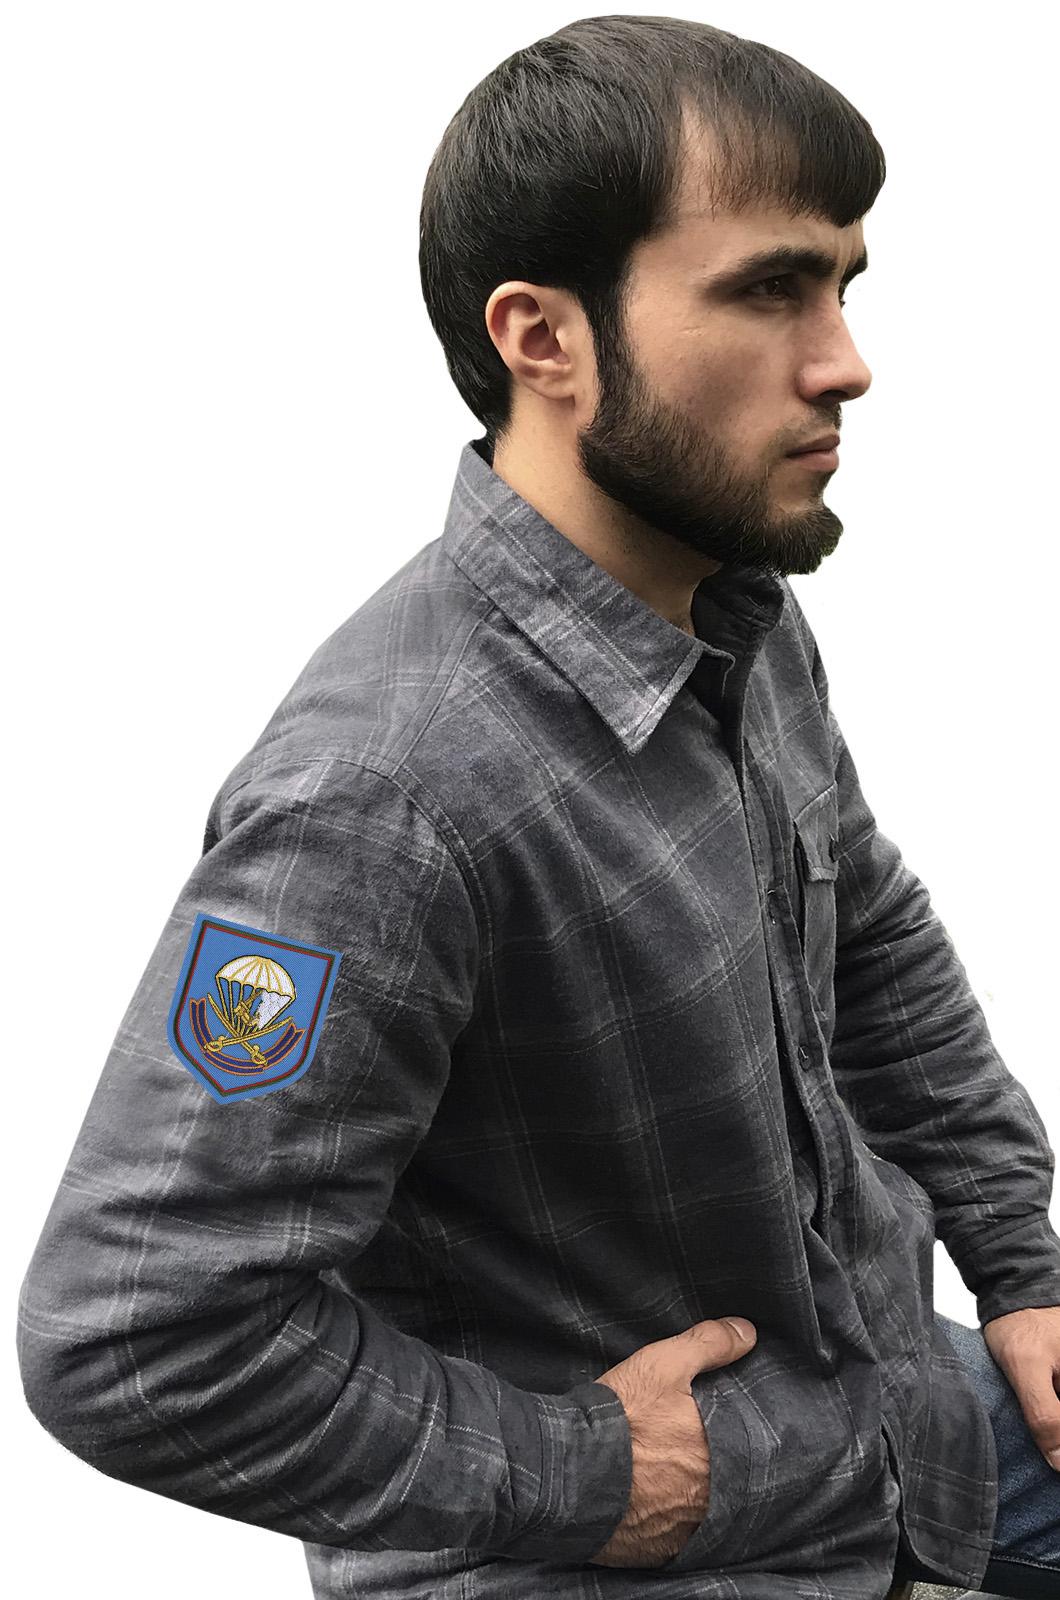 Теплая рубашка с вышитым шевроном 217 ПДП ВДВ - купить в подарок